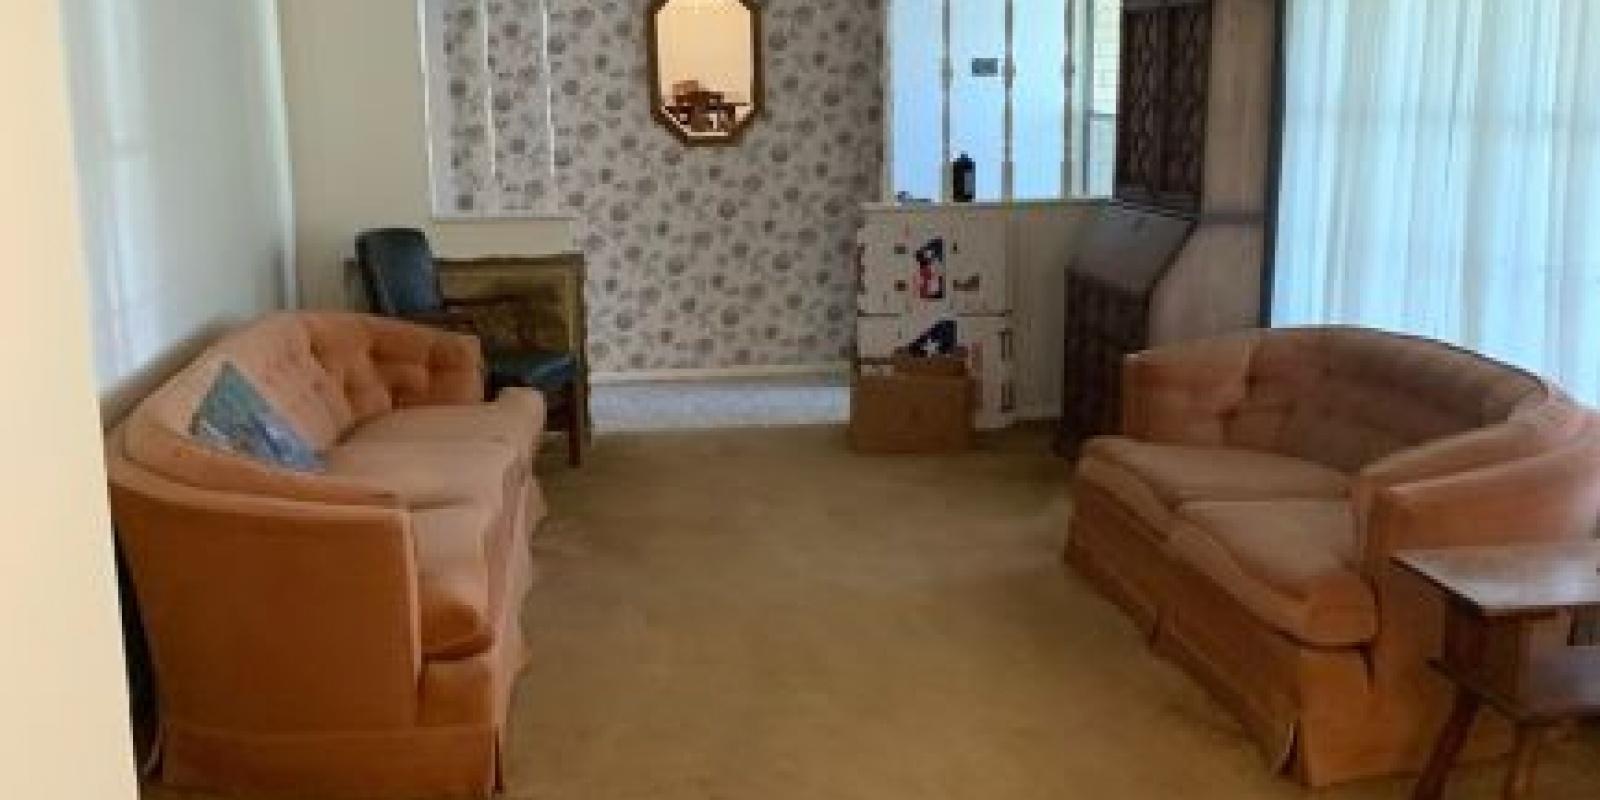 708 N. Skylane Dr, Uvalde, 78801, 3 Bedrooms Bedrooms, 9 Rooms Rooms,2 BathroomsBathrooms,Residential,For Sale,N. Skylane Dr,1,1109